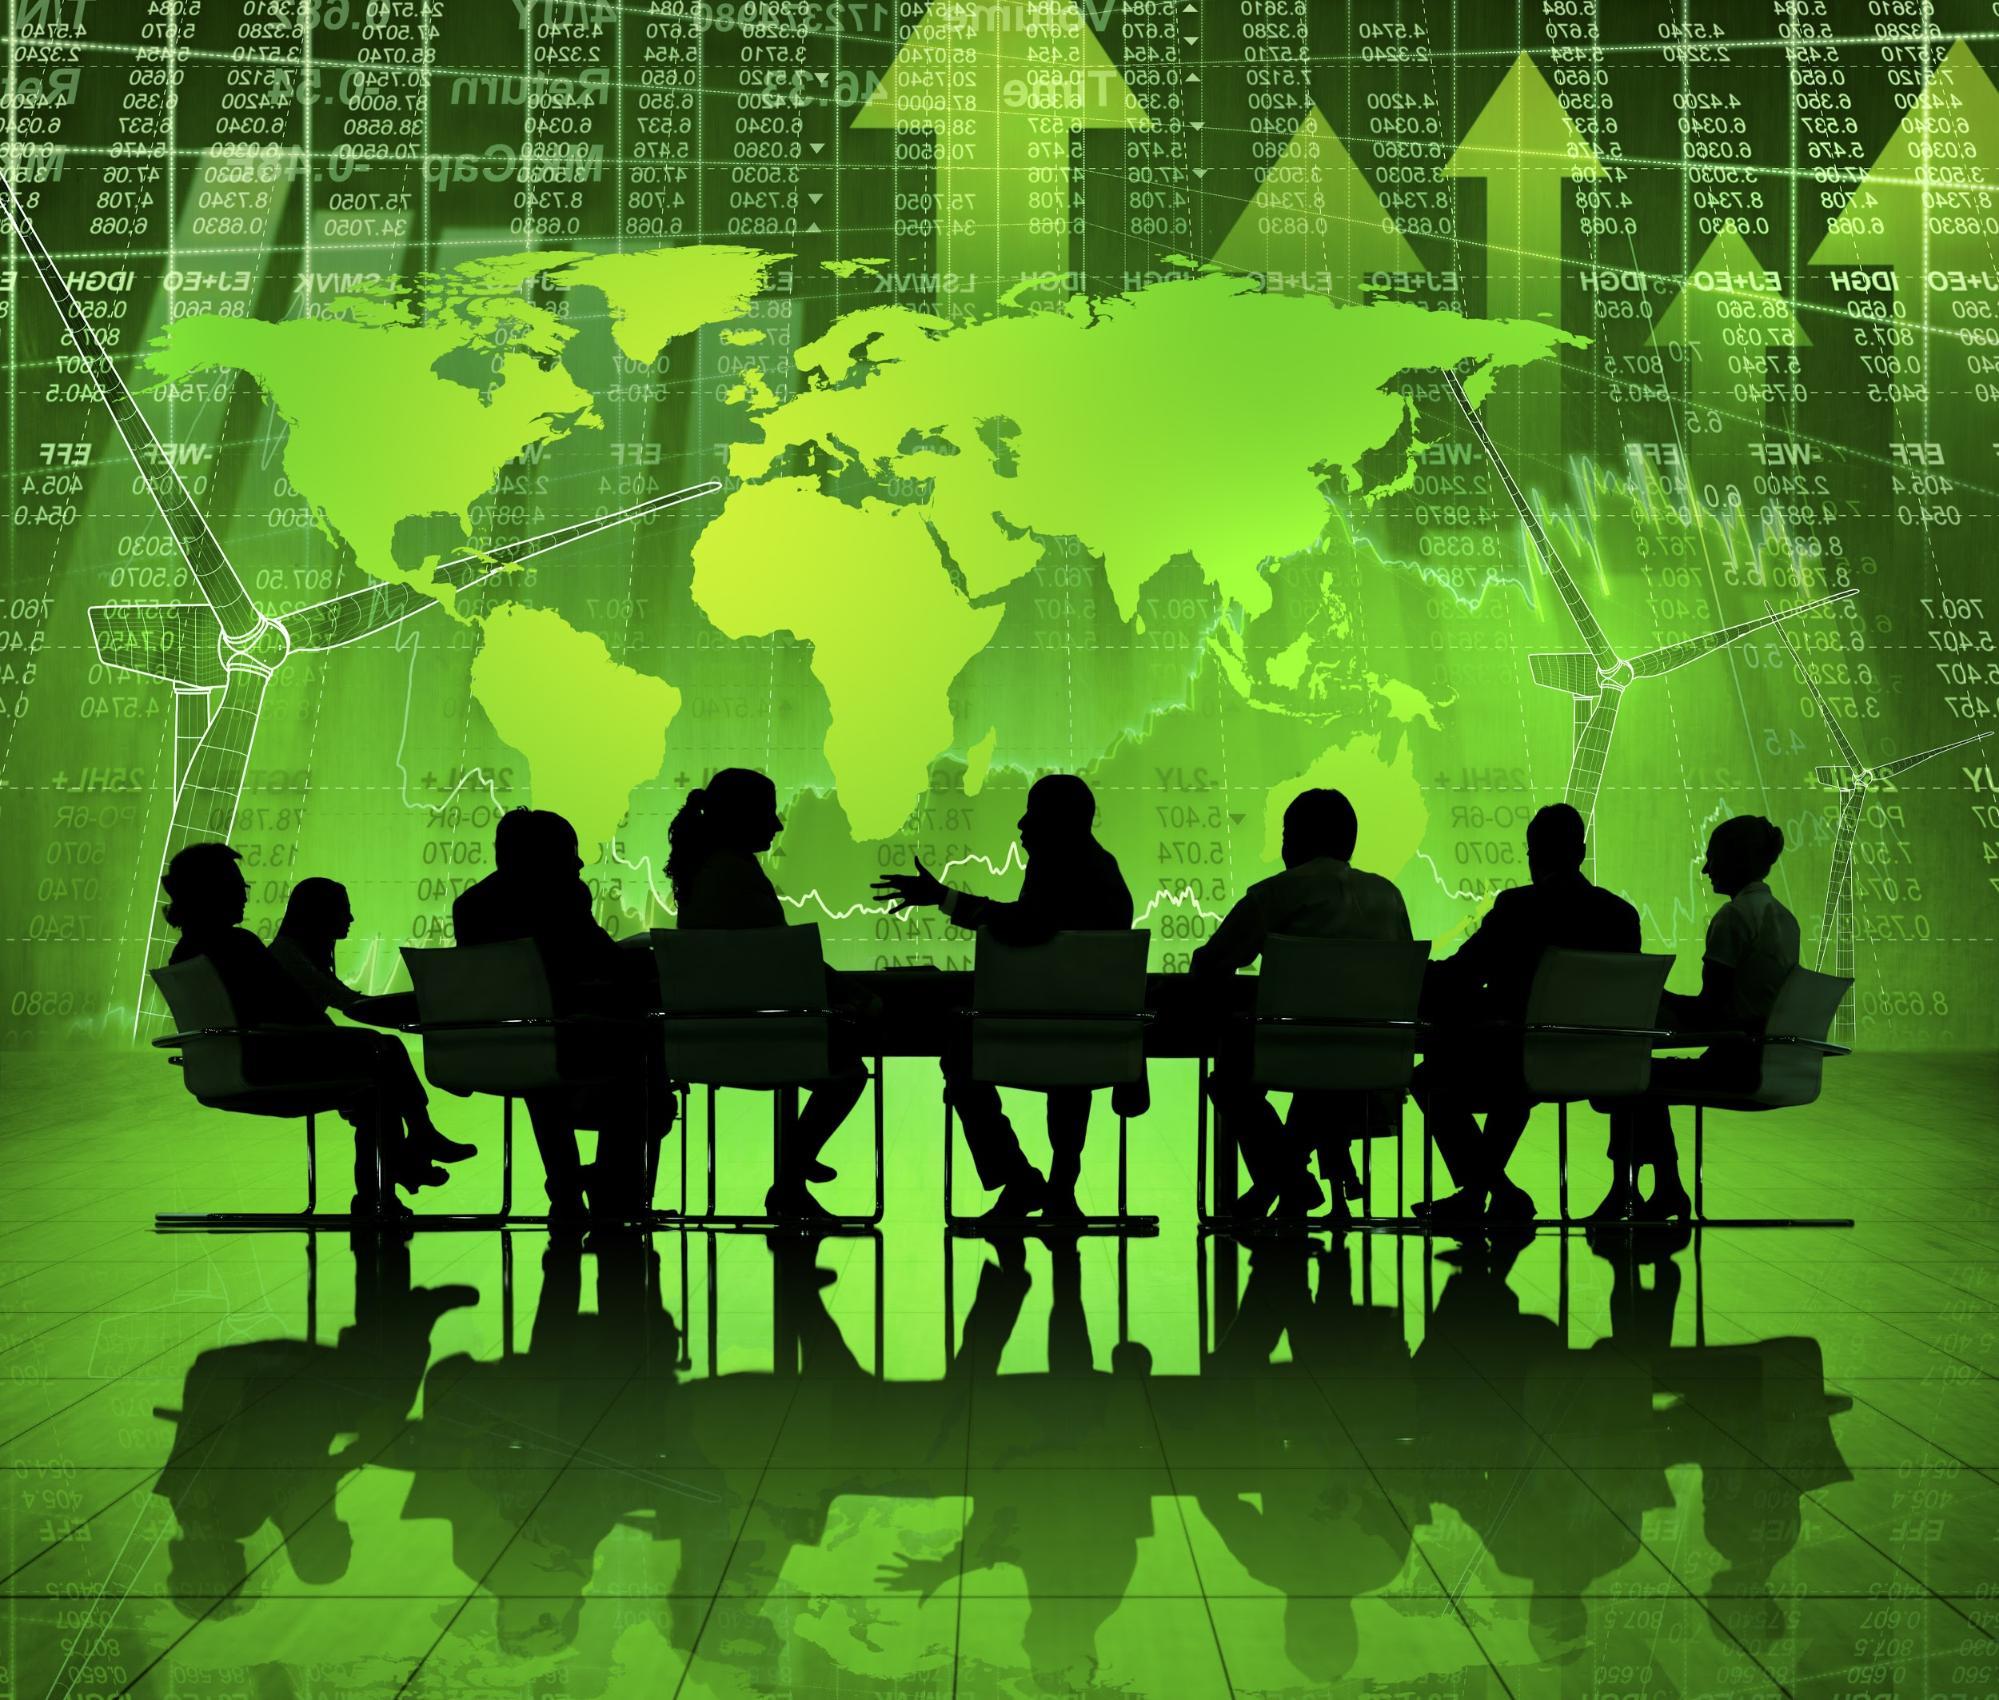 Imagem criada digitalmente, com a silhueta de pessoas em uma mesa de negócios. Ao fundo, em tons de verde, temos o mapa mundial sobreposto à uma tela com números e setas, visando ilustrar a temática do texto ' Tecnologia ambiental: como a tecnologia ajuda o planeta?